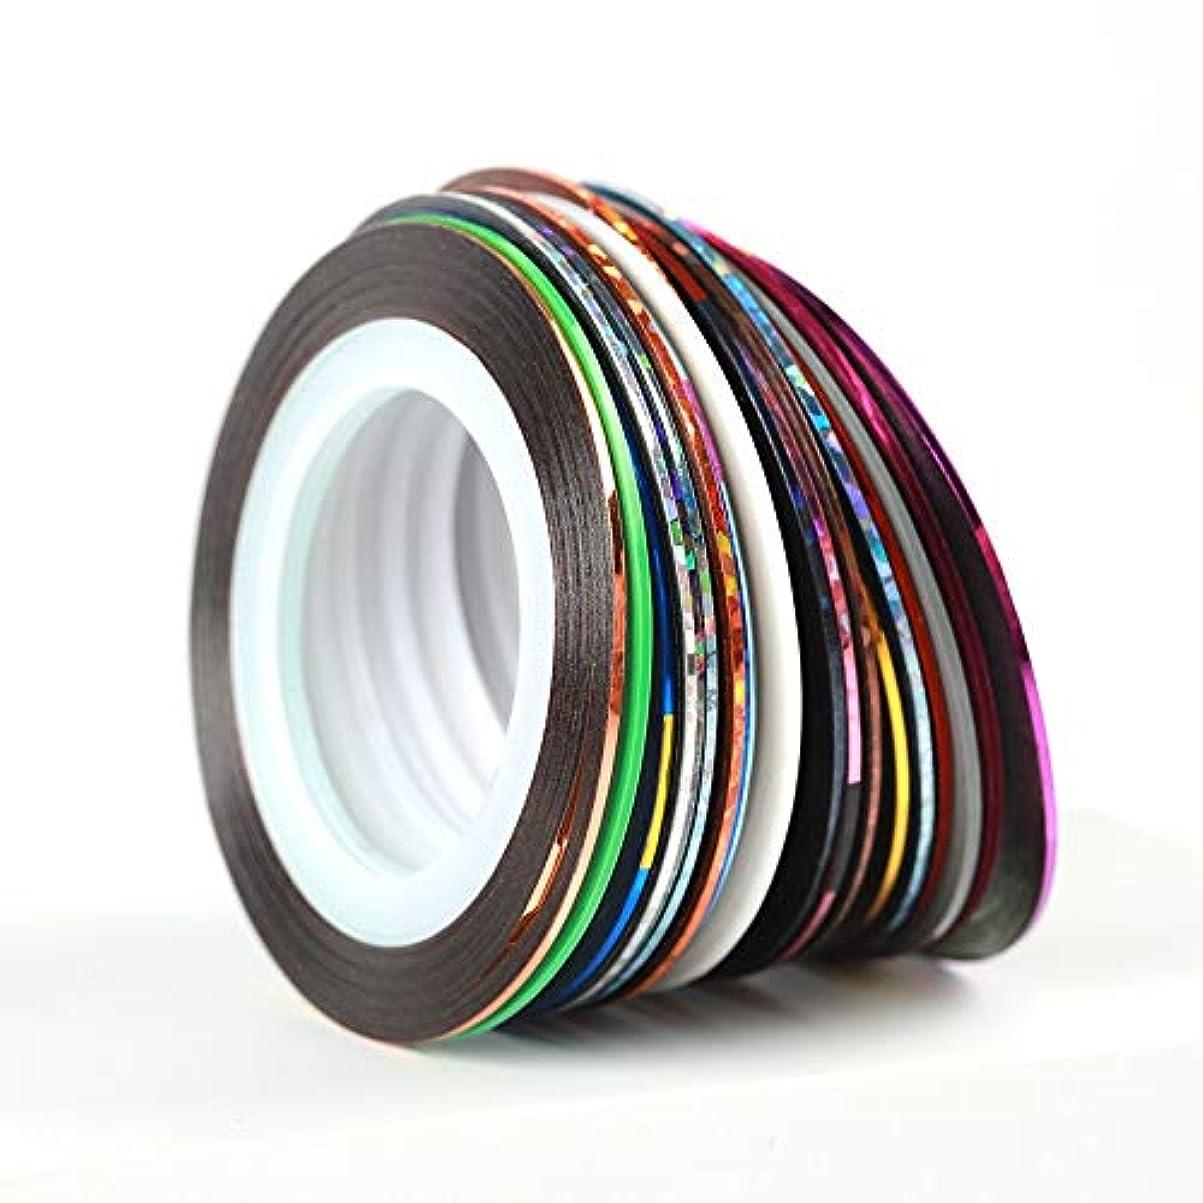 ヒギンズはっきりとたまに30个ストライピングテープラインネイルアートデコレーションステッカーDIYネイルステッカーミックス色ロールス